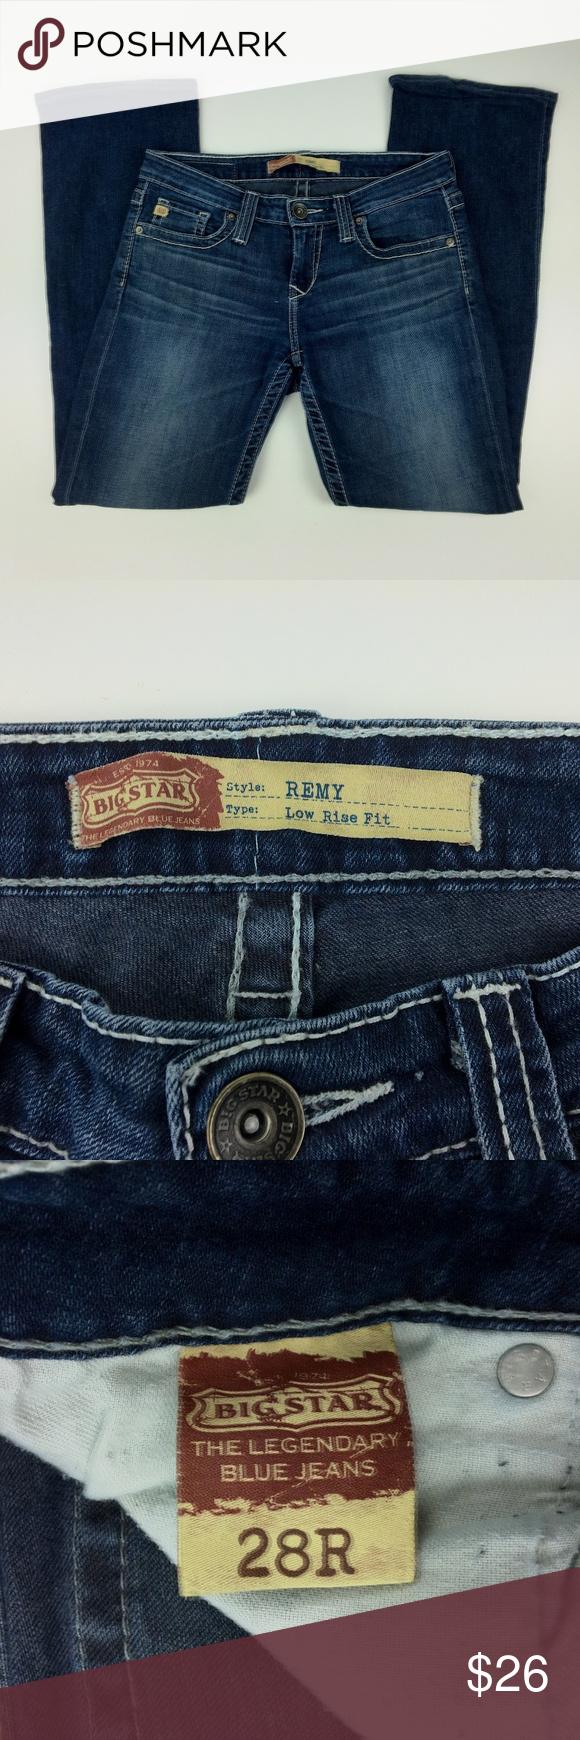 Big Star Blue Denim Remy Low Rise Fit Jeans Ladies Size 26r Pants